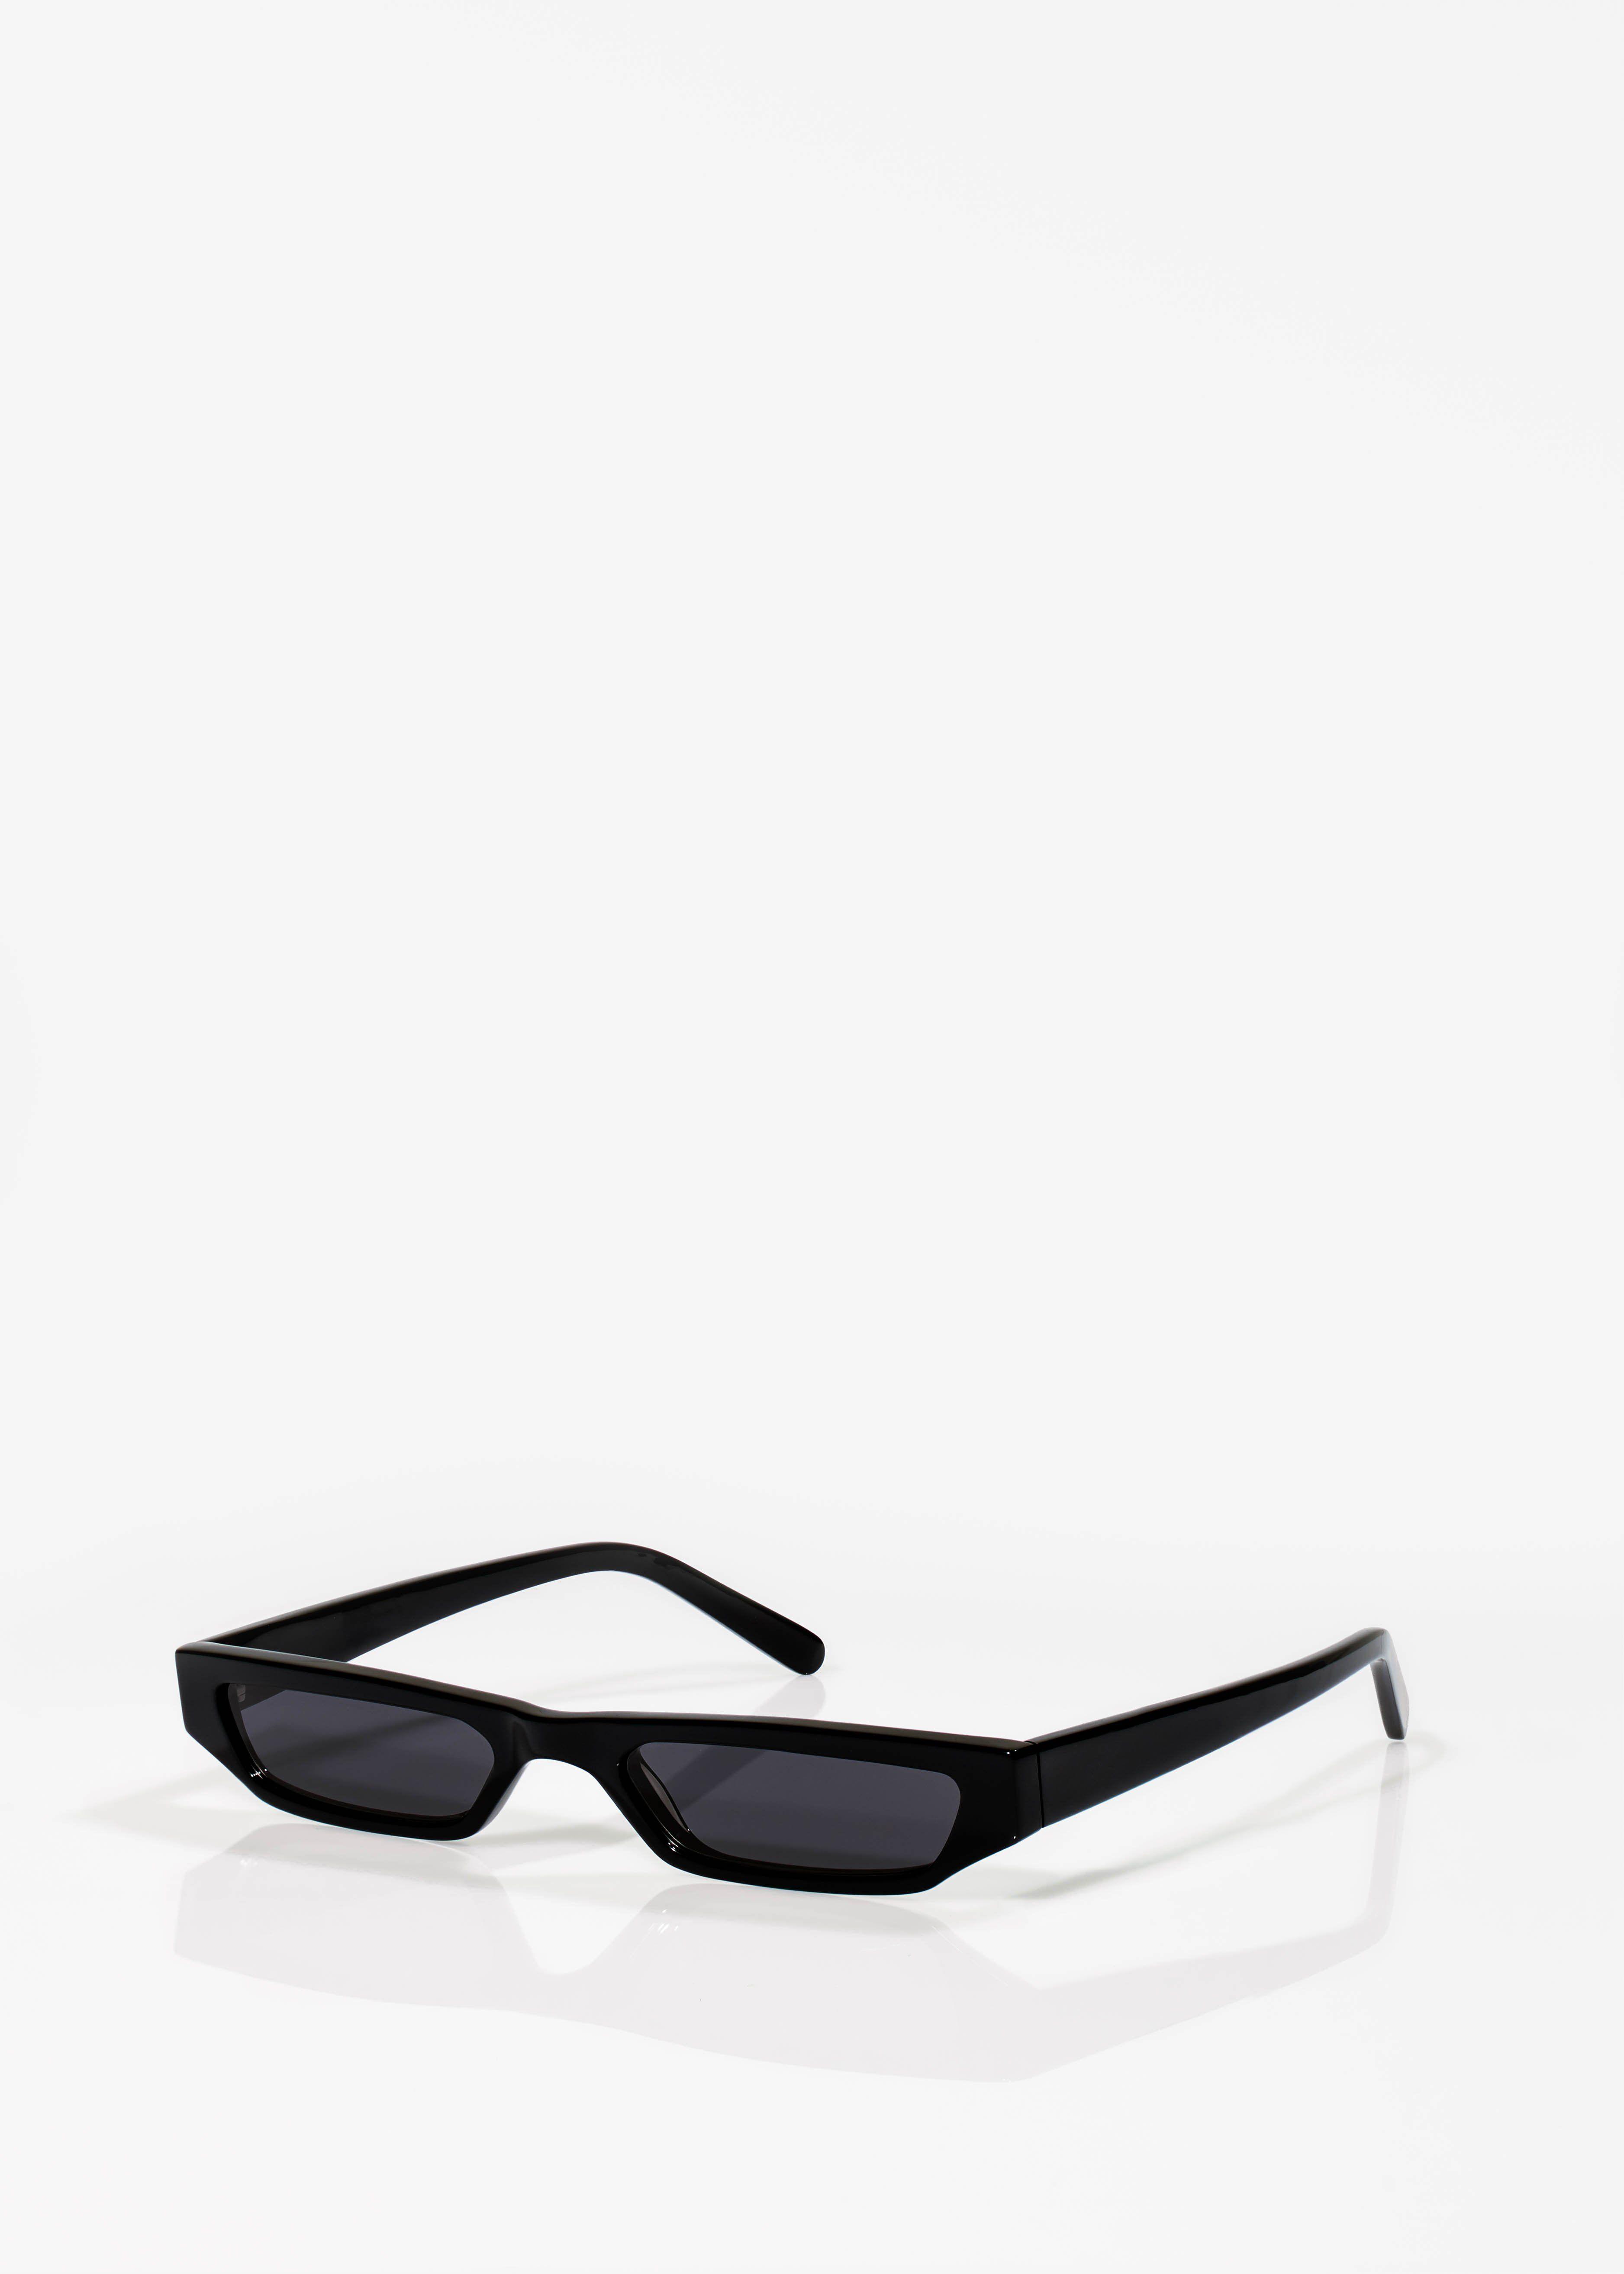 64f87fb3042 CMMN SWDN x Ace   Tate Jet Black Pris Sunglasses